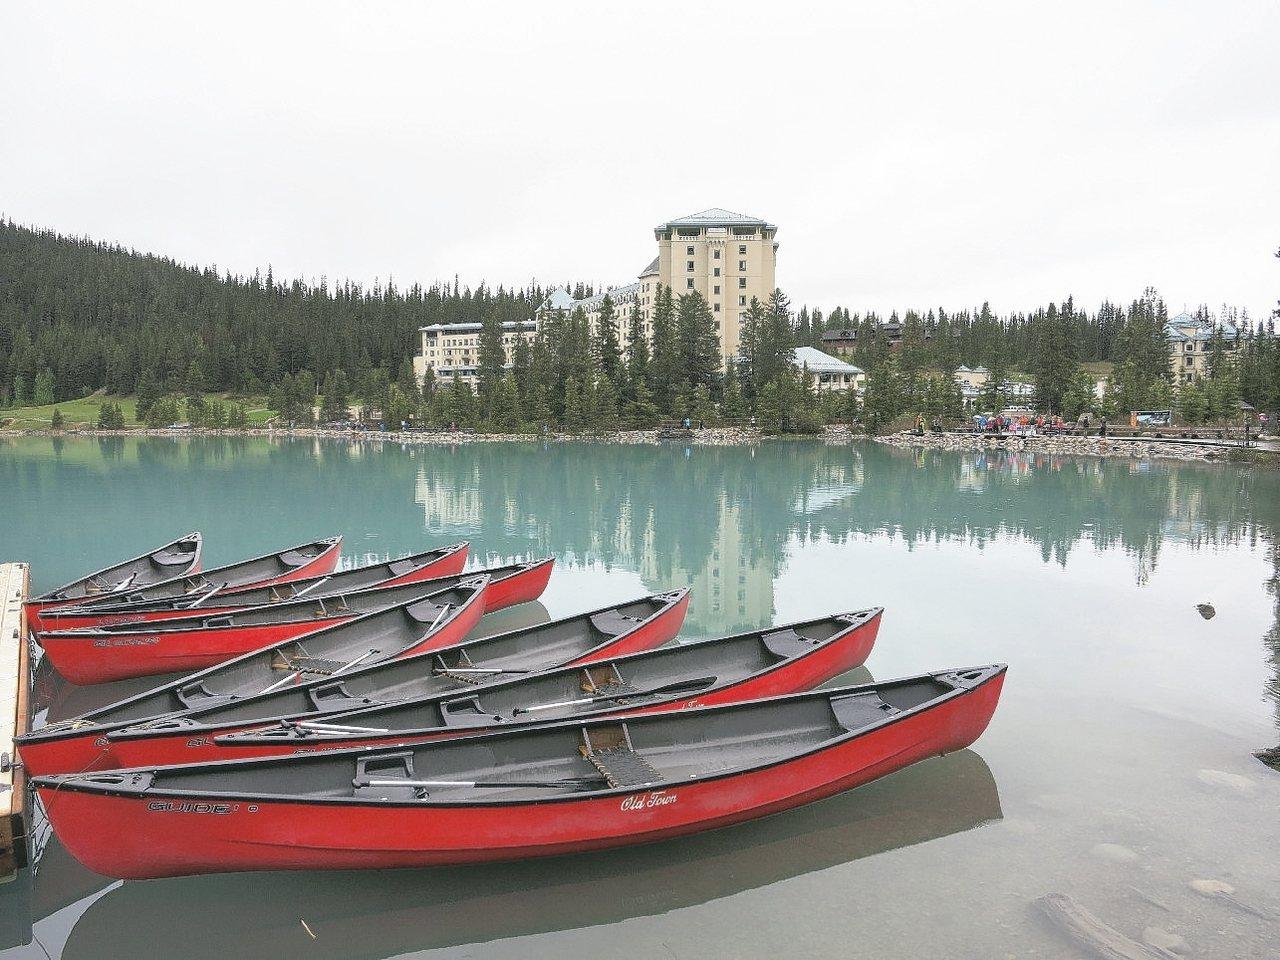 費爾蒙酒店和露易絲湖相映成趣。 記者葉君遠/攝影